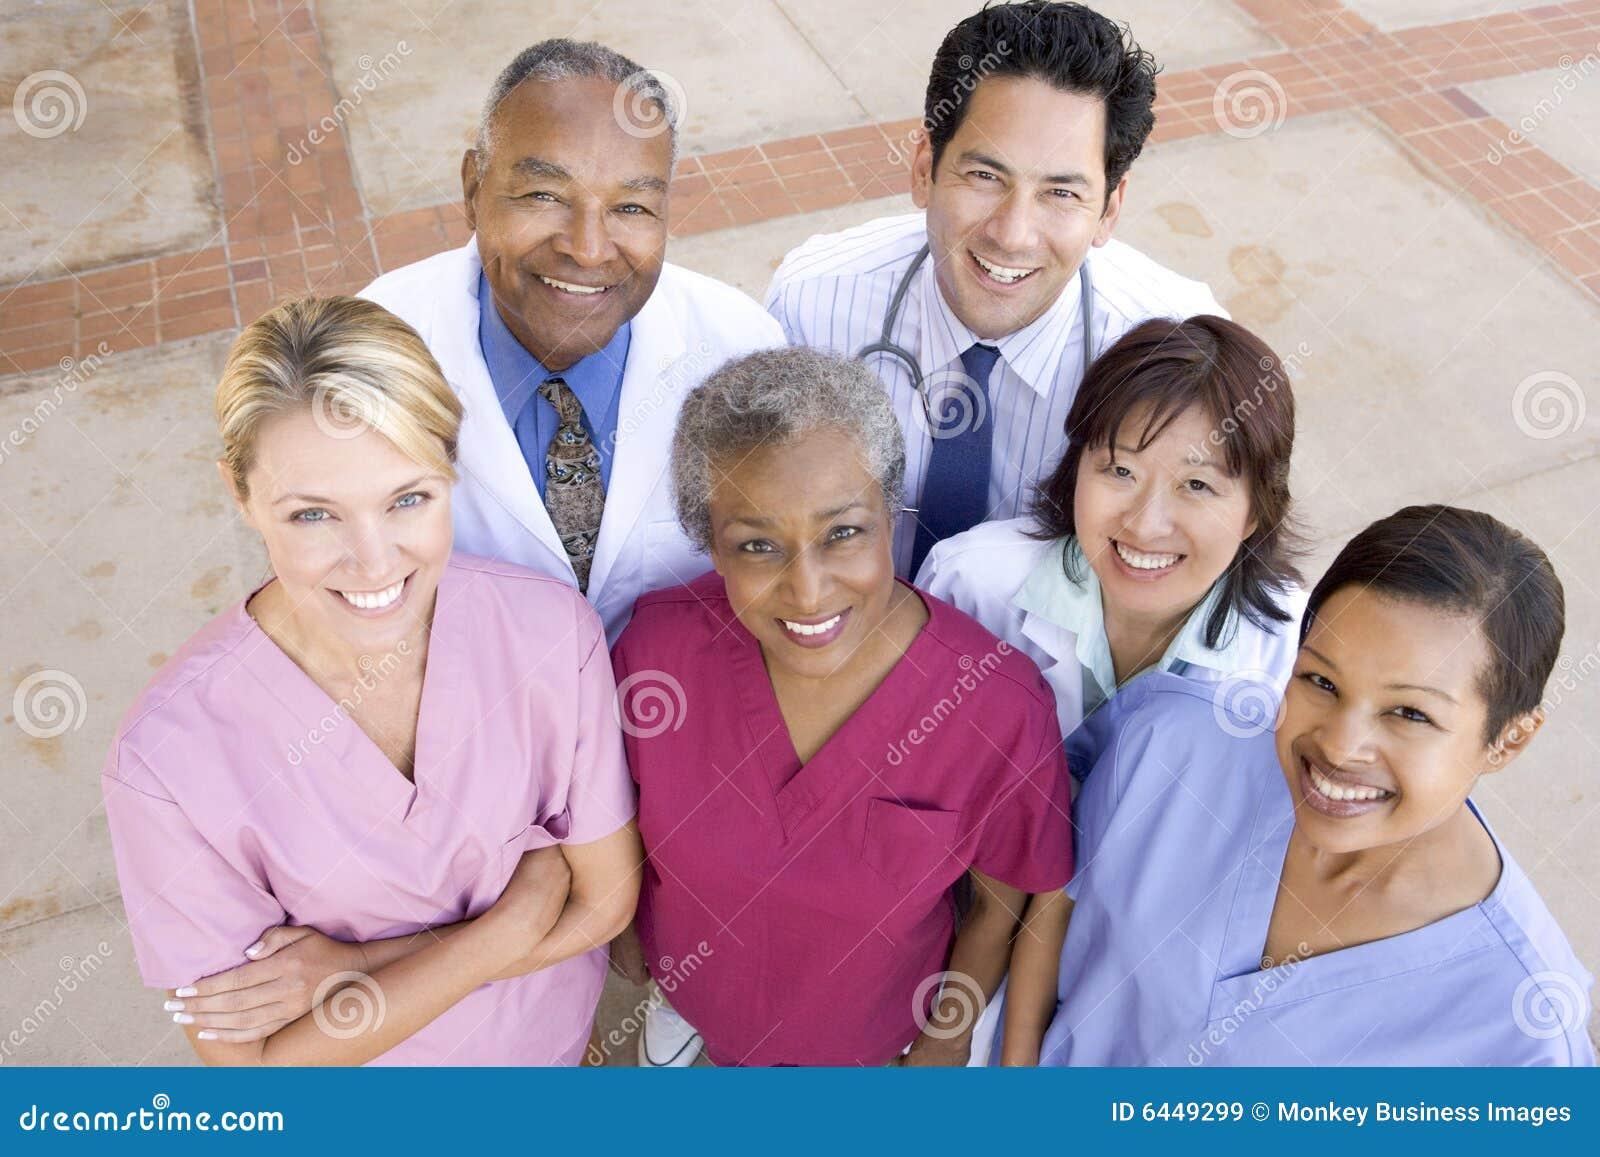 De hoge Mening van de Hoek van het Personeel van het Ziekenhuis